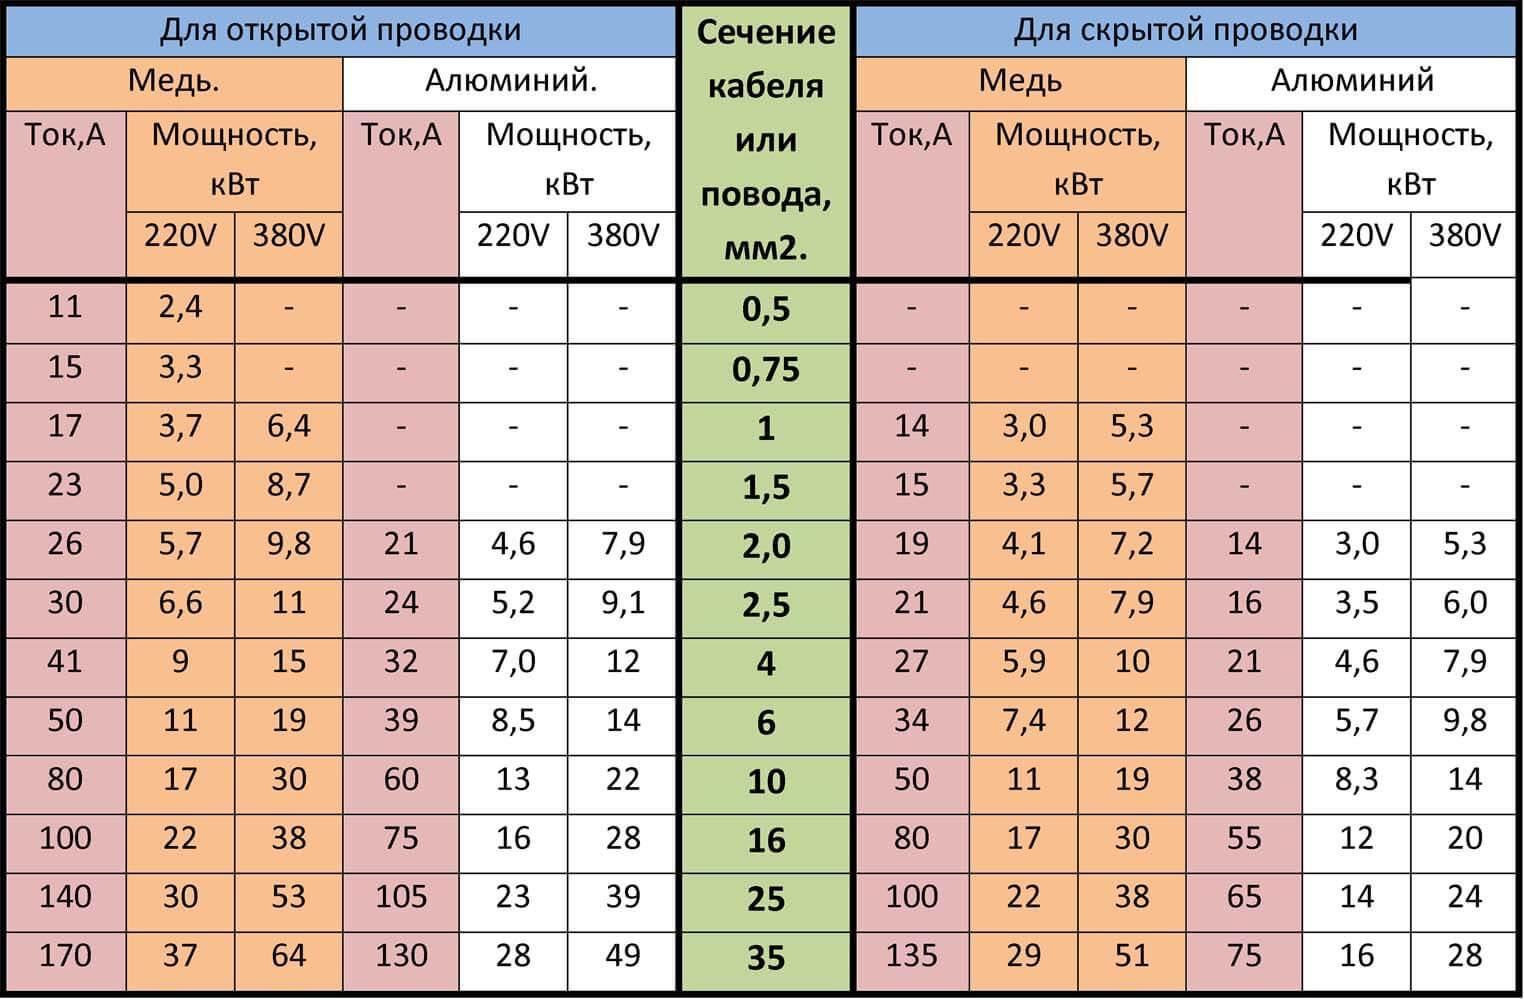 расчёт кабеля по мощности таблица